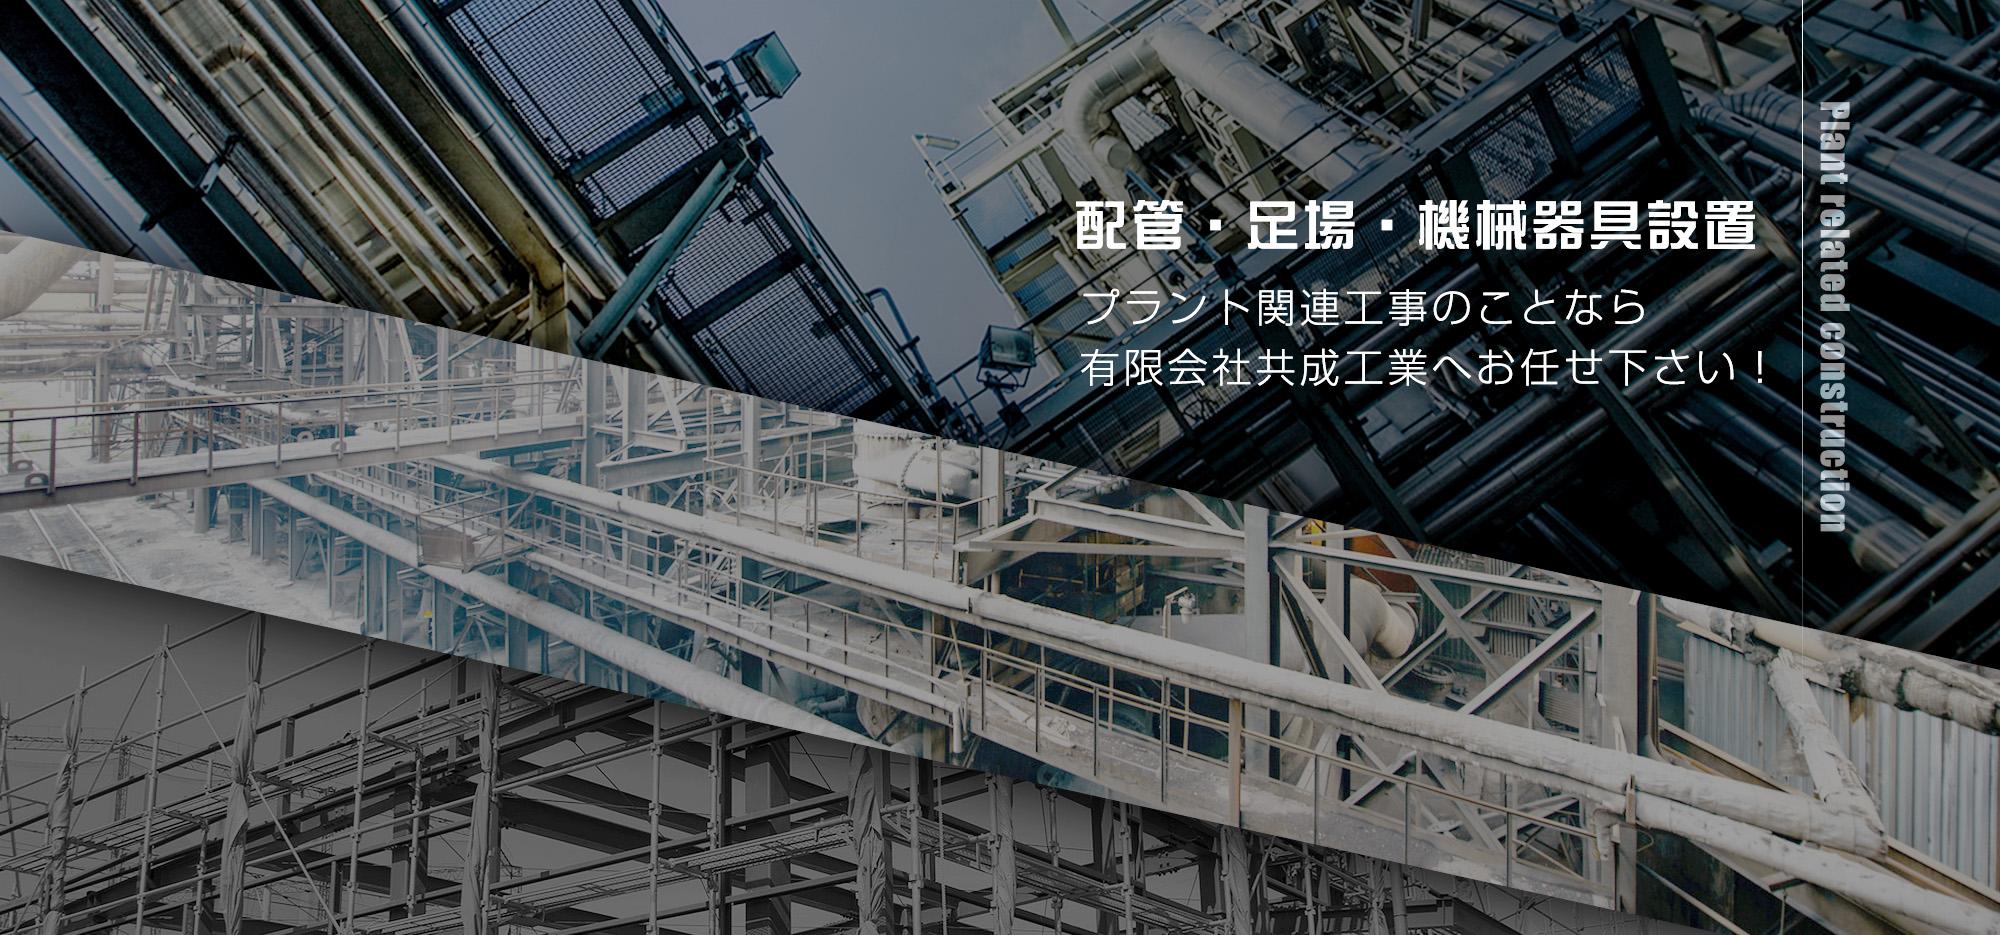 配管・足場・機械器具設置 プラント関連工事のことなら 有限会社共成工業へお任せ下さい!